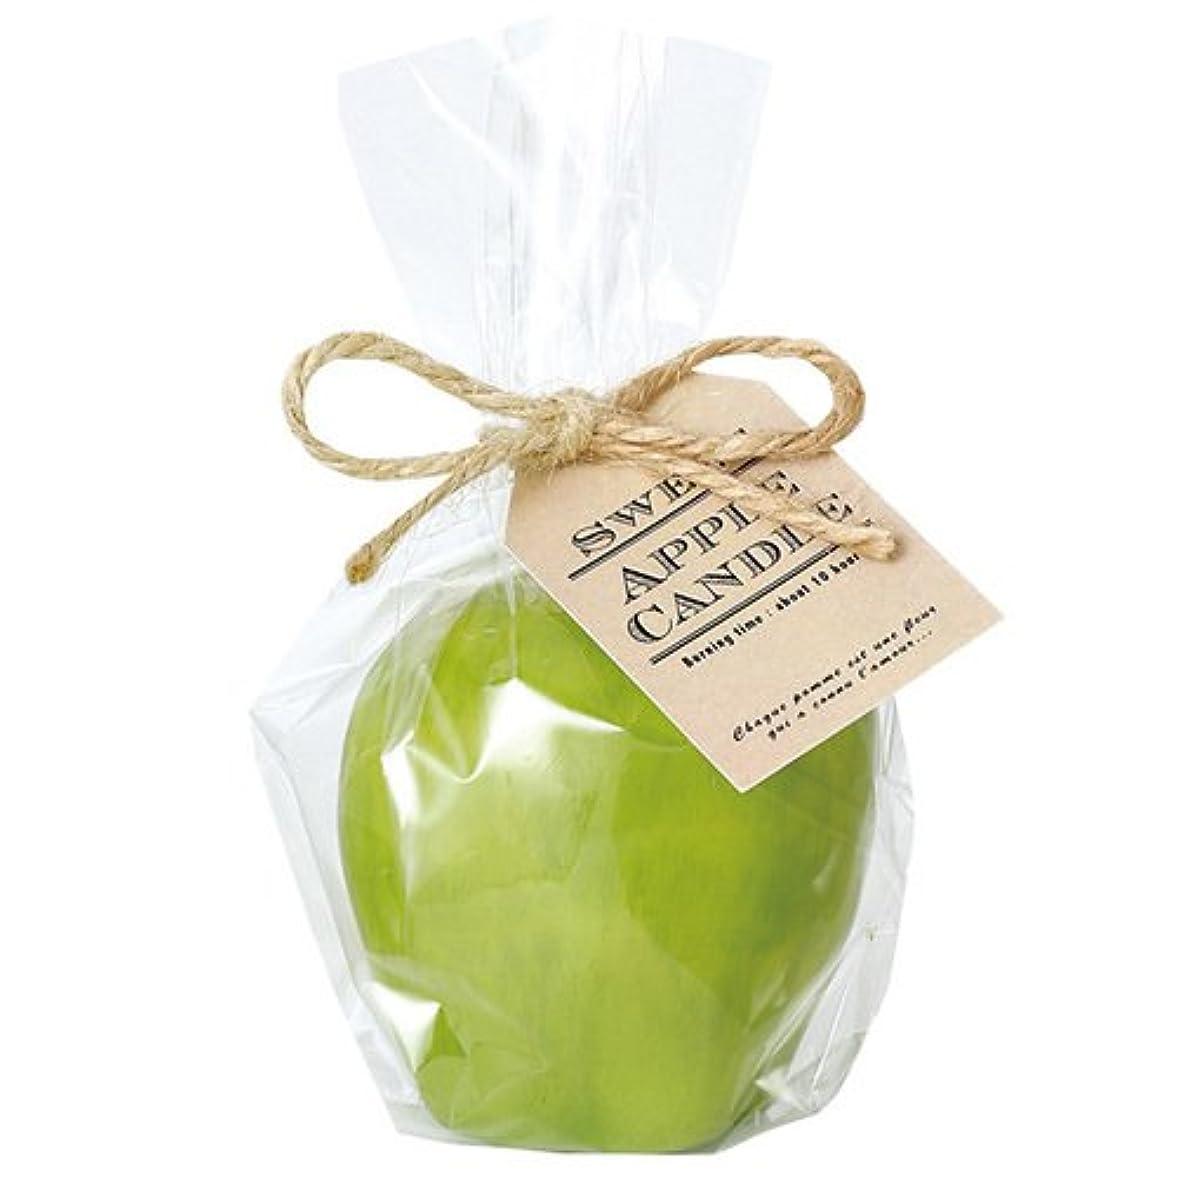 目覚める三角形デザートカメヤマキャンドルハウス スイートアップルキャンドル グリーン アップルの香りつき